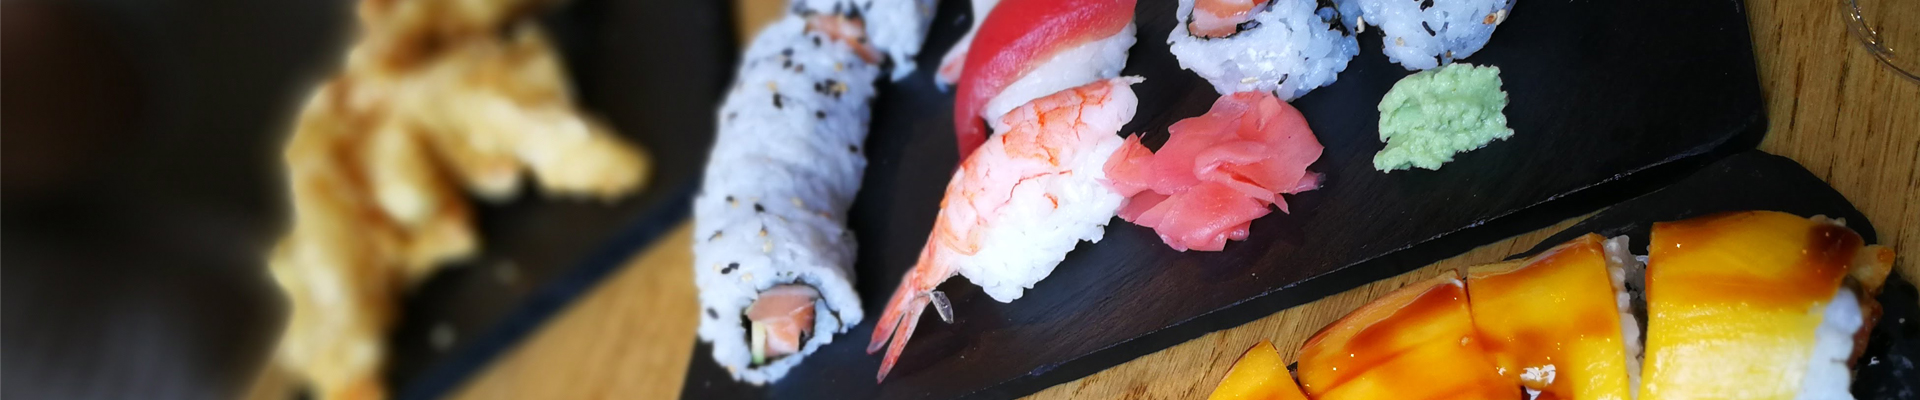 Myo sushi menu tapas